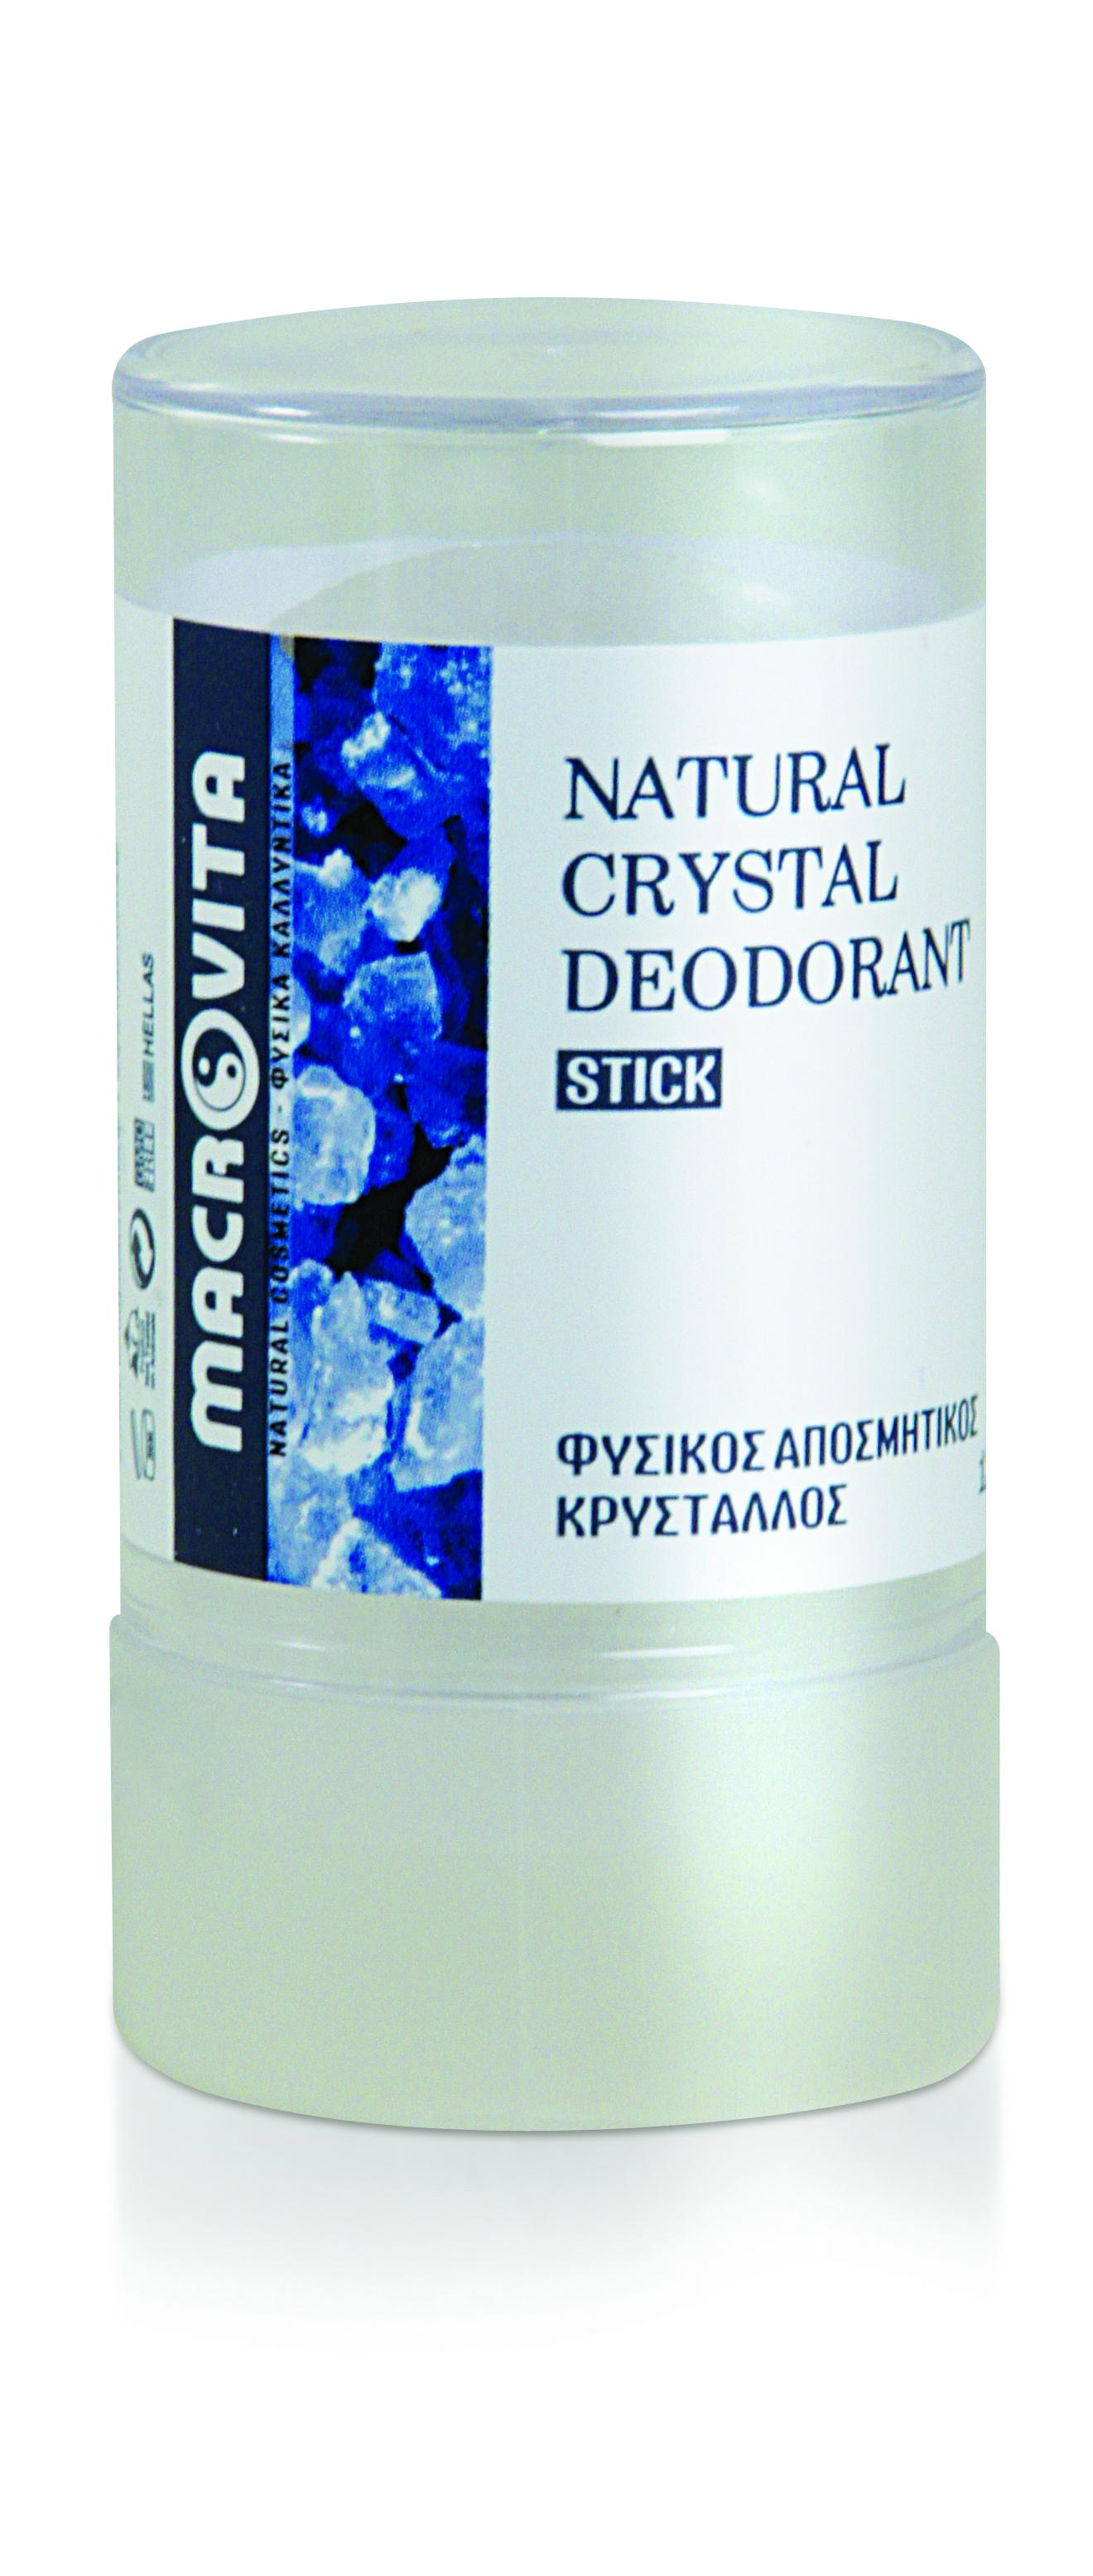 Macrovita Φυσικός Κρύσταλλος Άοσμος Stick 120gr